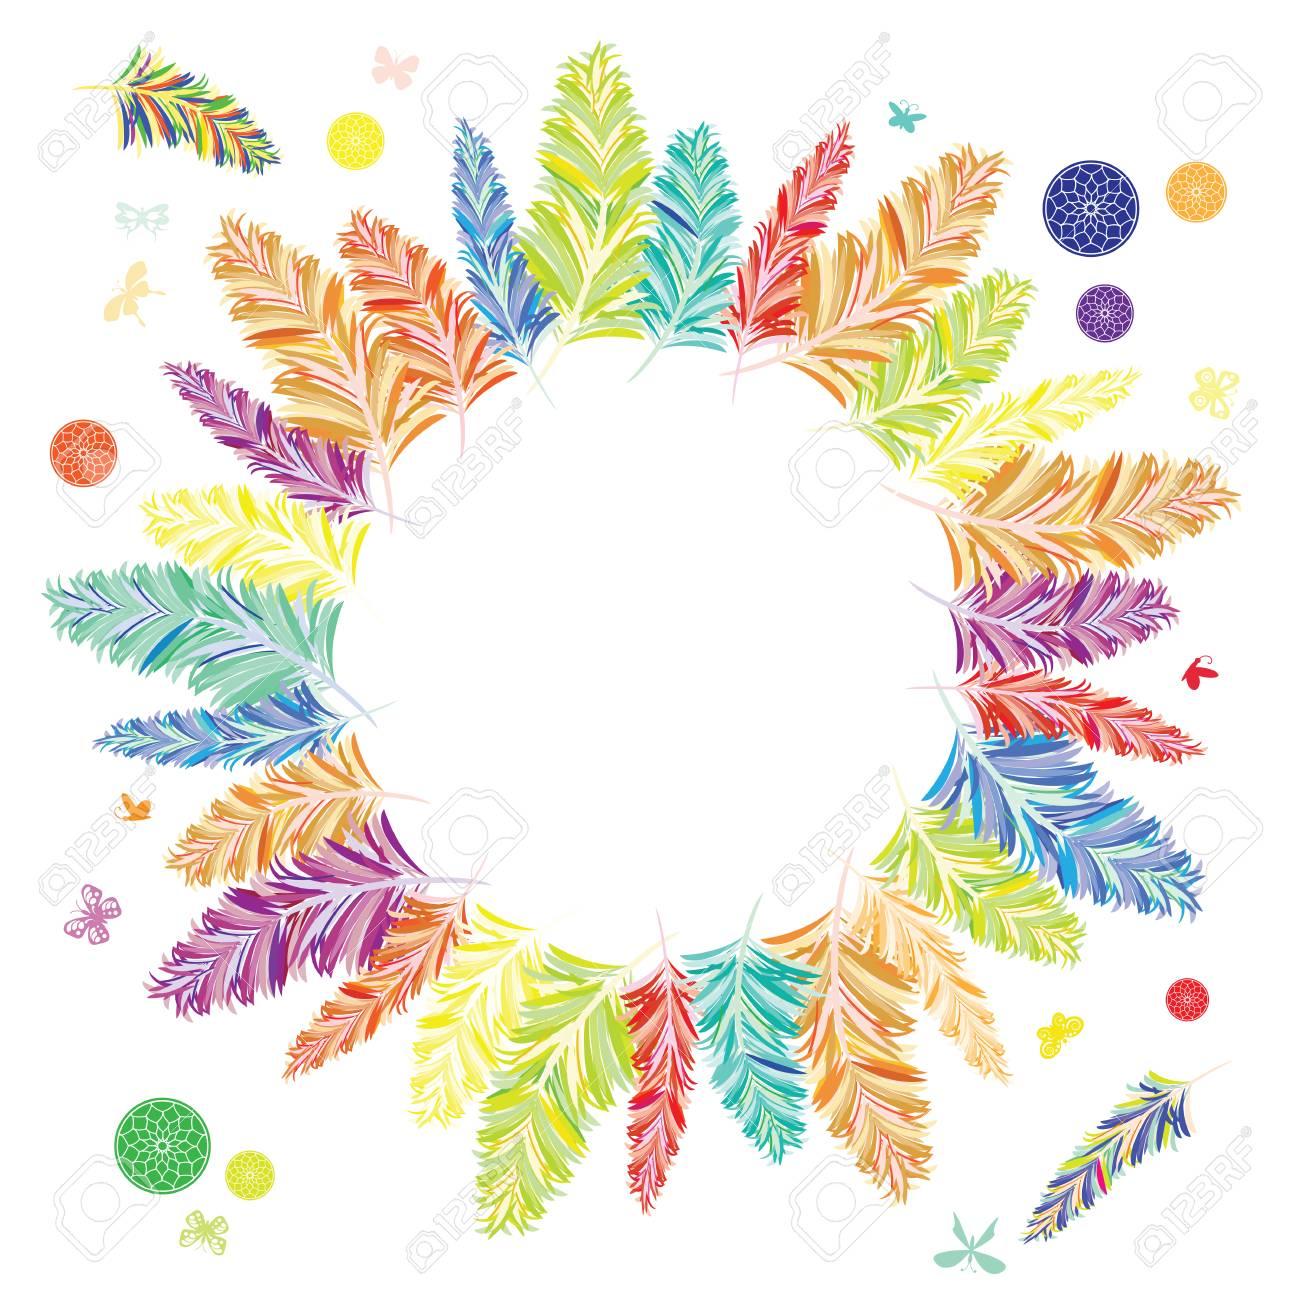 Ilustración Vectorial De Plumas De Colores Del Arco Iris En El ...